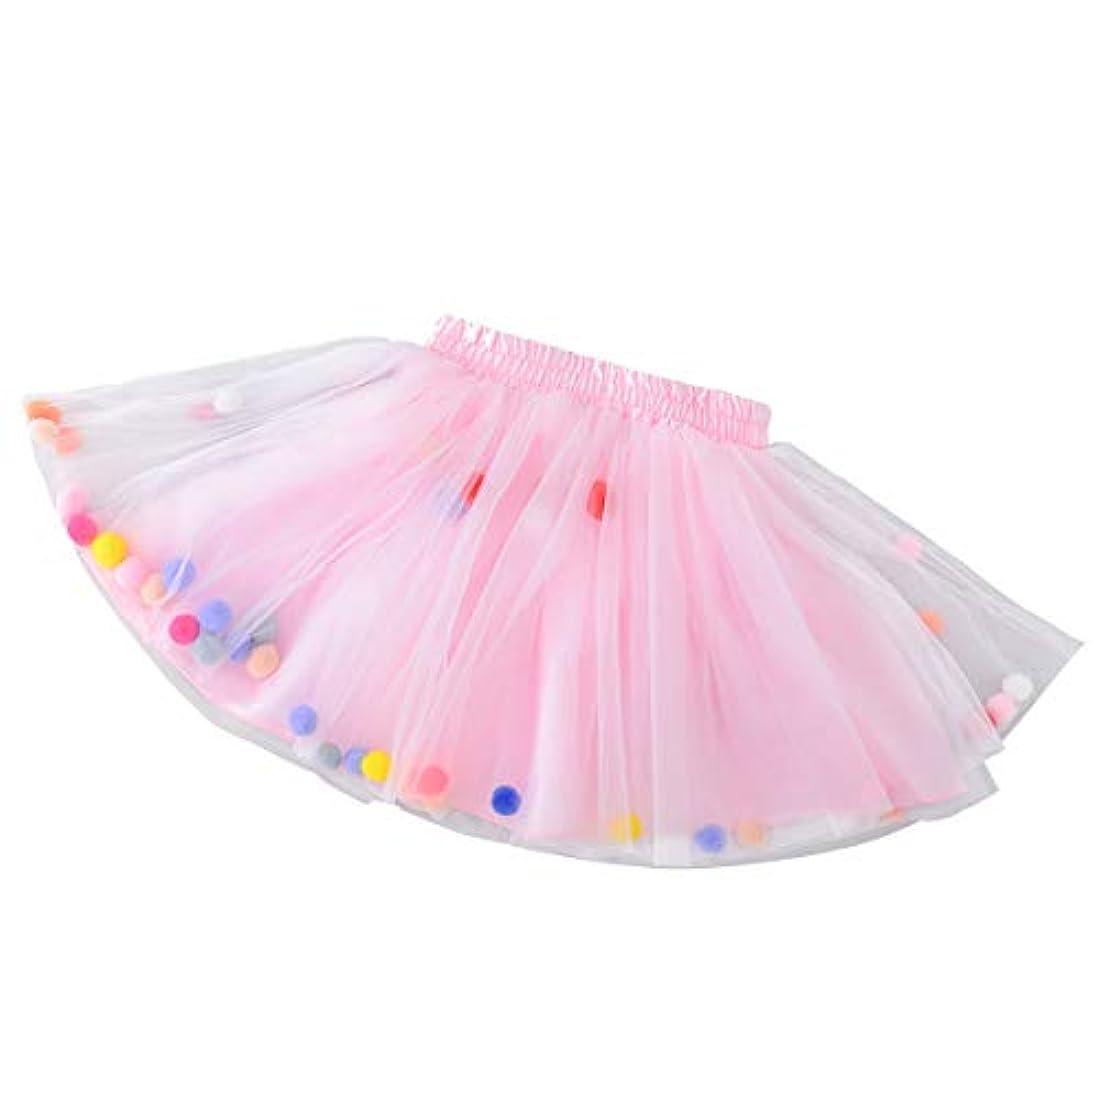 ラベル勇気既にYeahiBaby 子供チュチュスカートラブリーピンクミディスカートカラフルなファジィボールガーゼスカートプリンセスドレス衣装用女の子(サイズm)